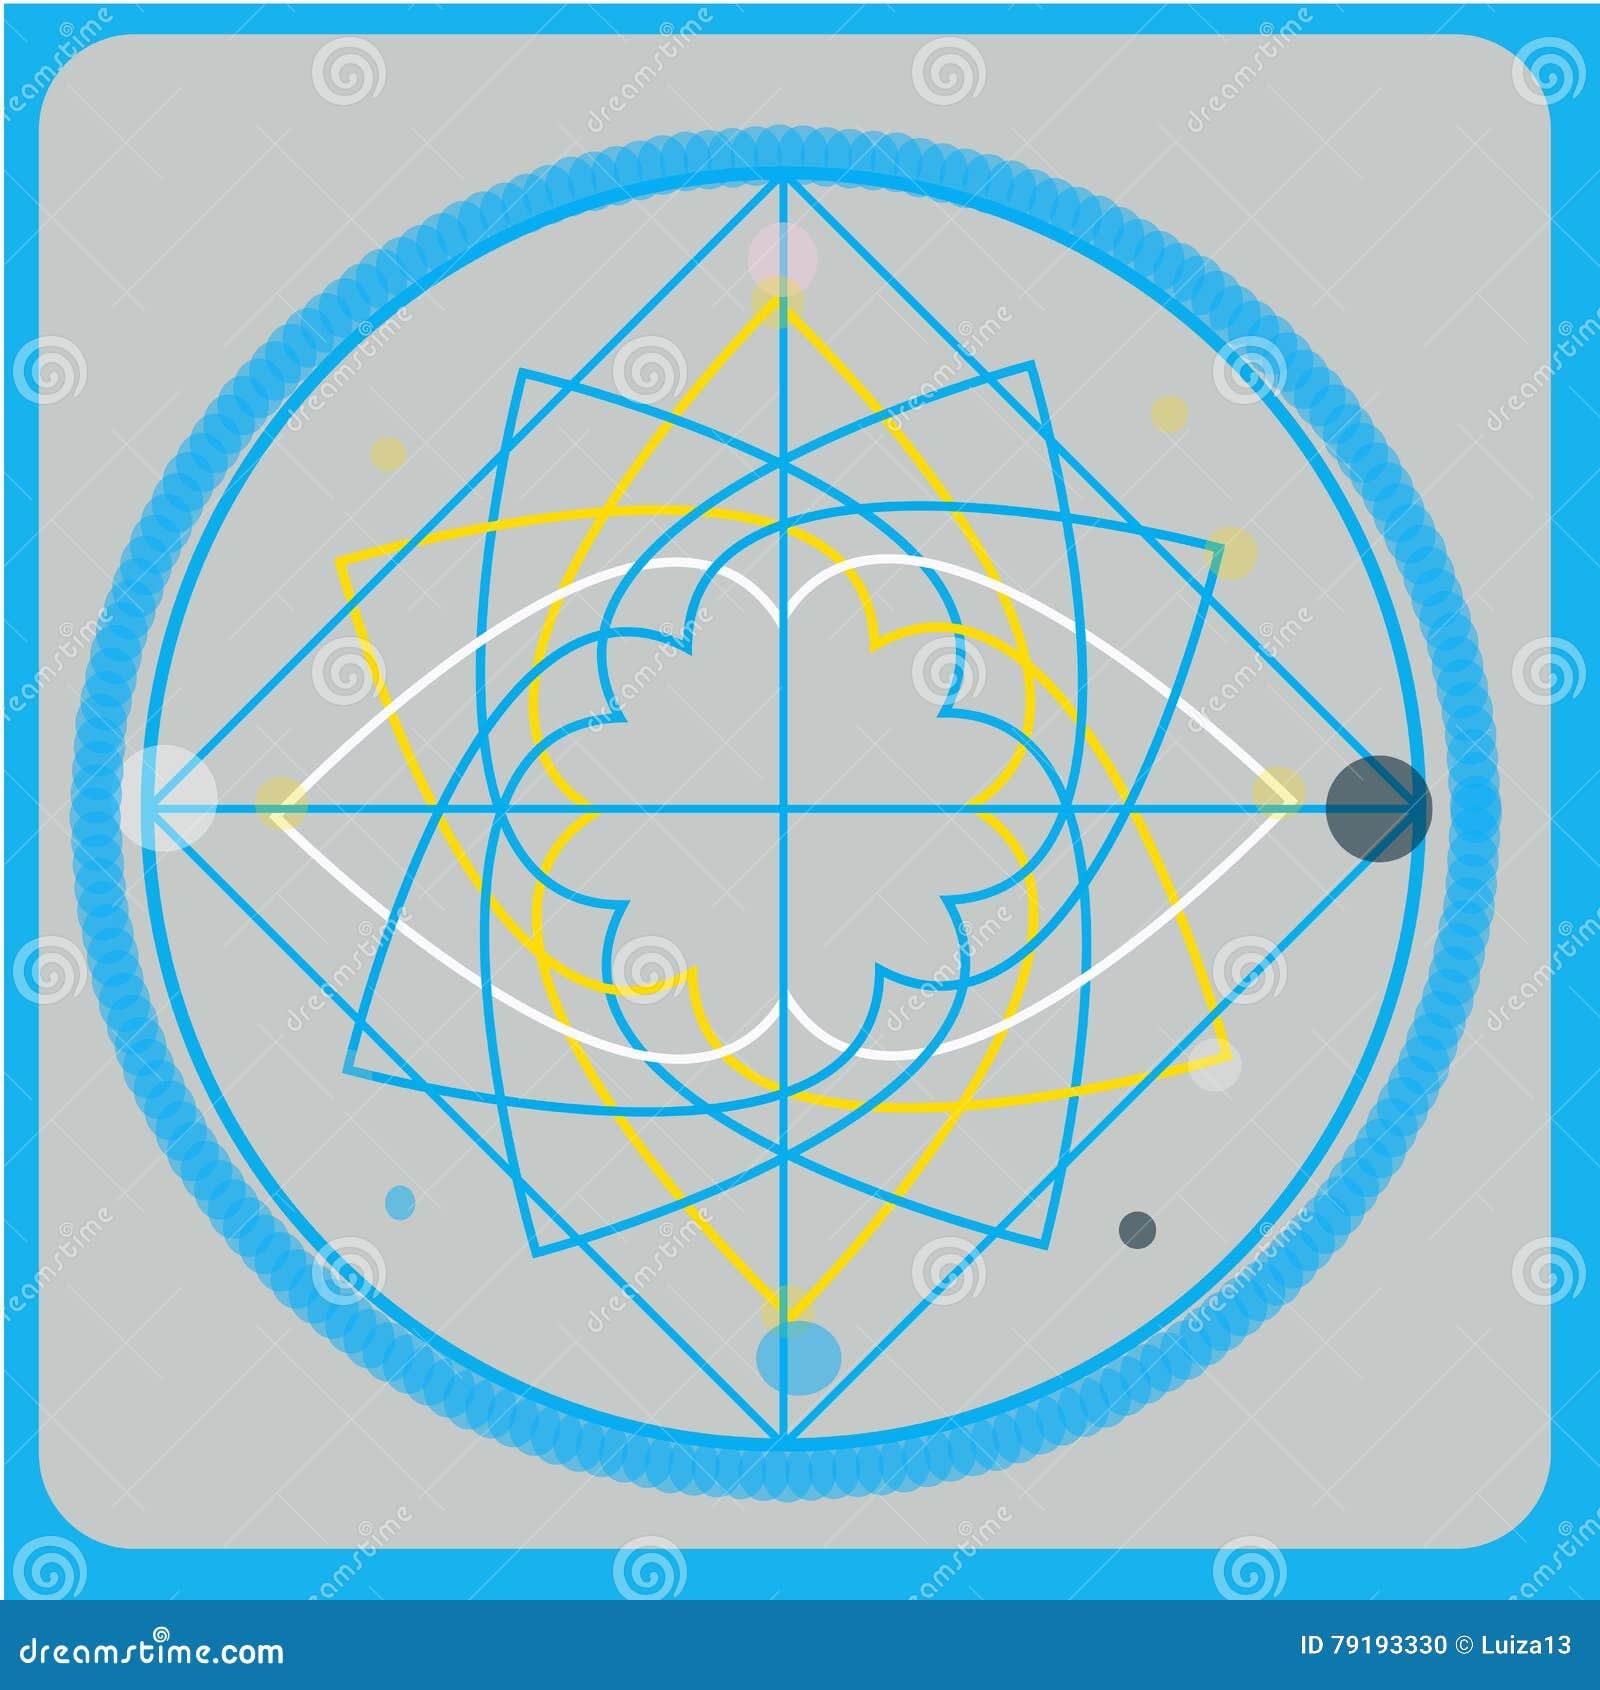 Heilige Geometrievektorgestaltungselemente Alchimie, Religion, Philosophie, Geistigkeit, Hippie-Symbole und